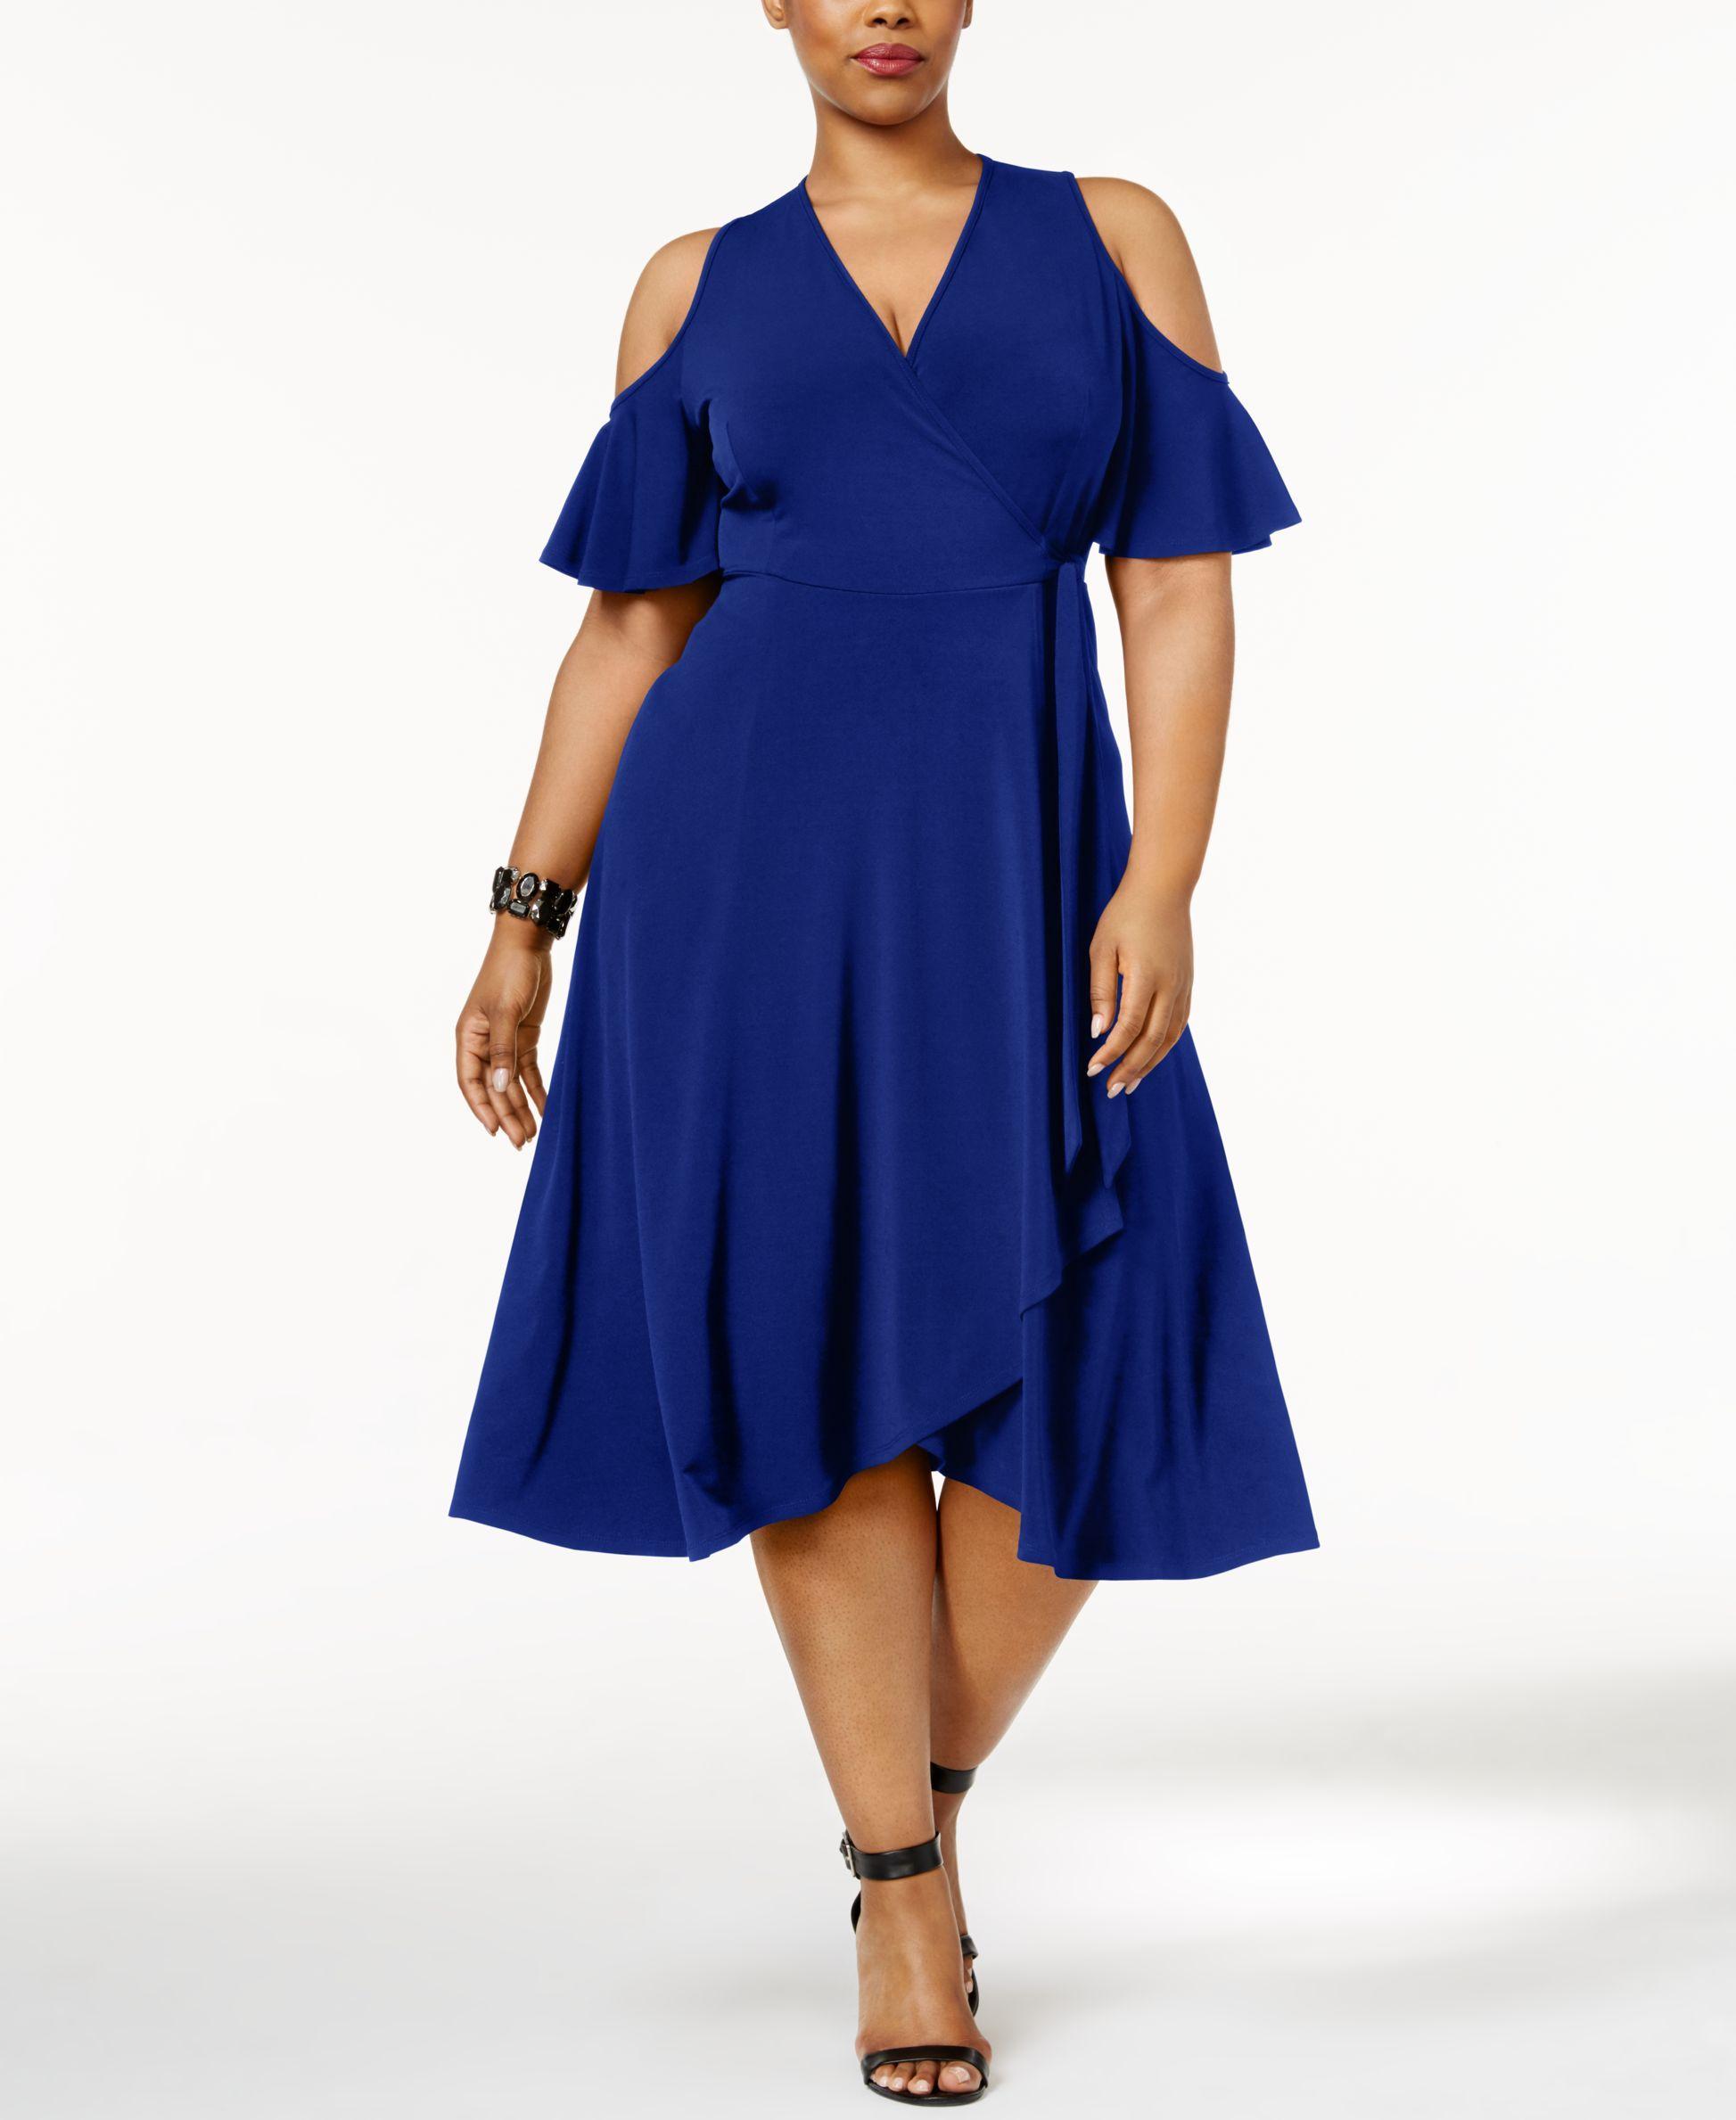 34feaa9d1e00 Soprano Trendy Plus Size Off-The-Shoulder Midi Dress